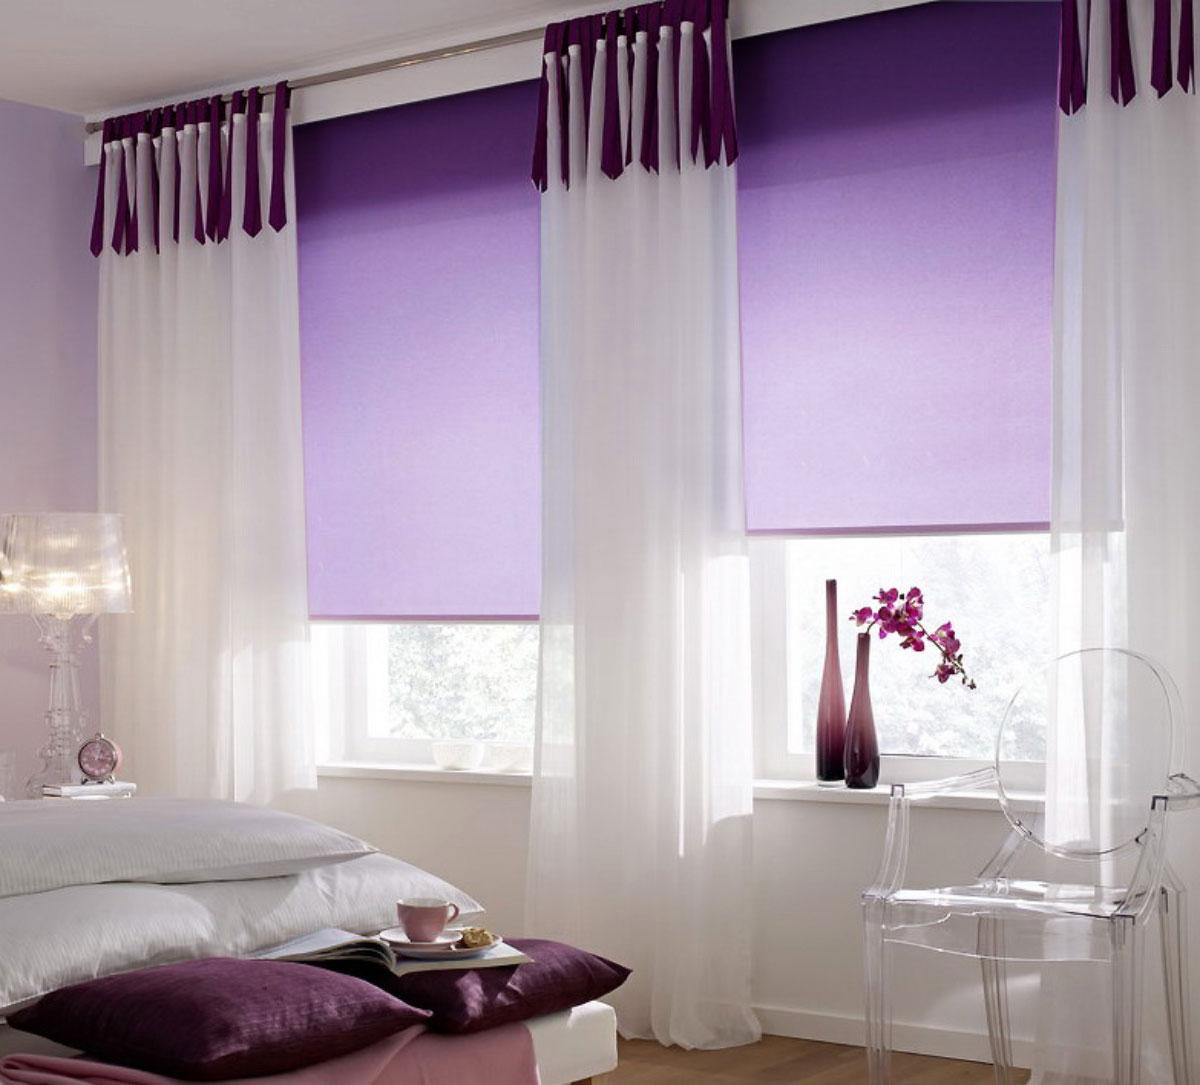 Штора рулонная Миниролло, 43х170см, тканевые, цвет: фиолетовый3043007Рулонная штора Миниролло выполнена из высокопрочной ткани, которая сохраняет свой размер даже при намокании. Ткань не выцветает и обладает отличной цветоустойчивостью. Миниролло - это подвид рулонных штор, который закрывает не весь оконный проем, а непосредственно само стекло. Такие шторы крепятся на раму без сверления при помощи зажимов или клейкой двухсторонней ленты. Окно остается на гарантии, благодаря монтажу без сверления. Такая штора станет прекрасным элементом декора окна и гармонично впишется в интерьер любого помещения.